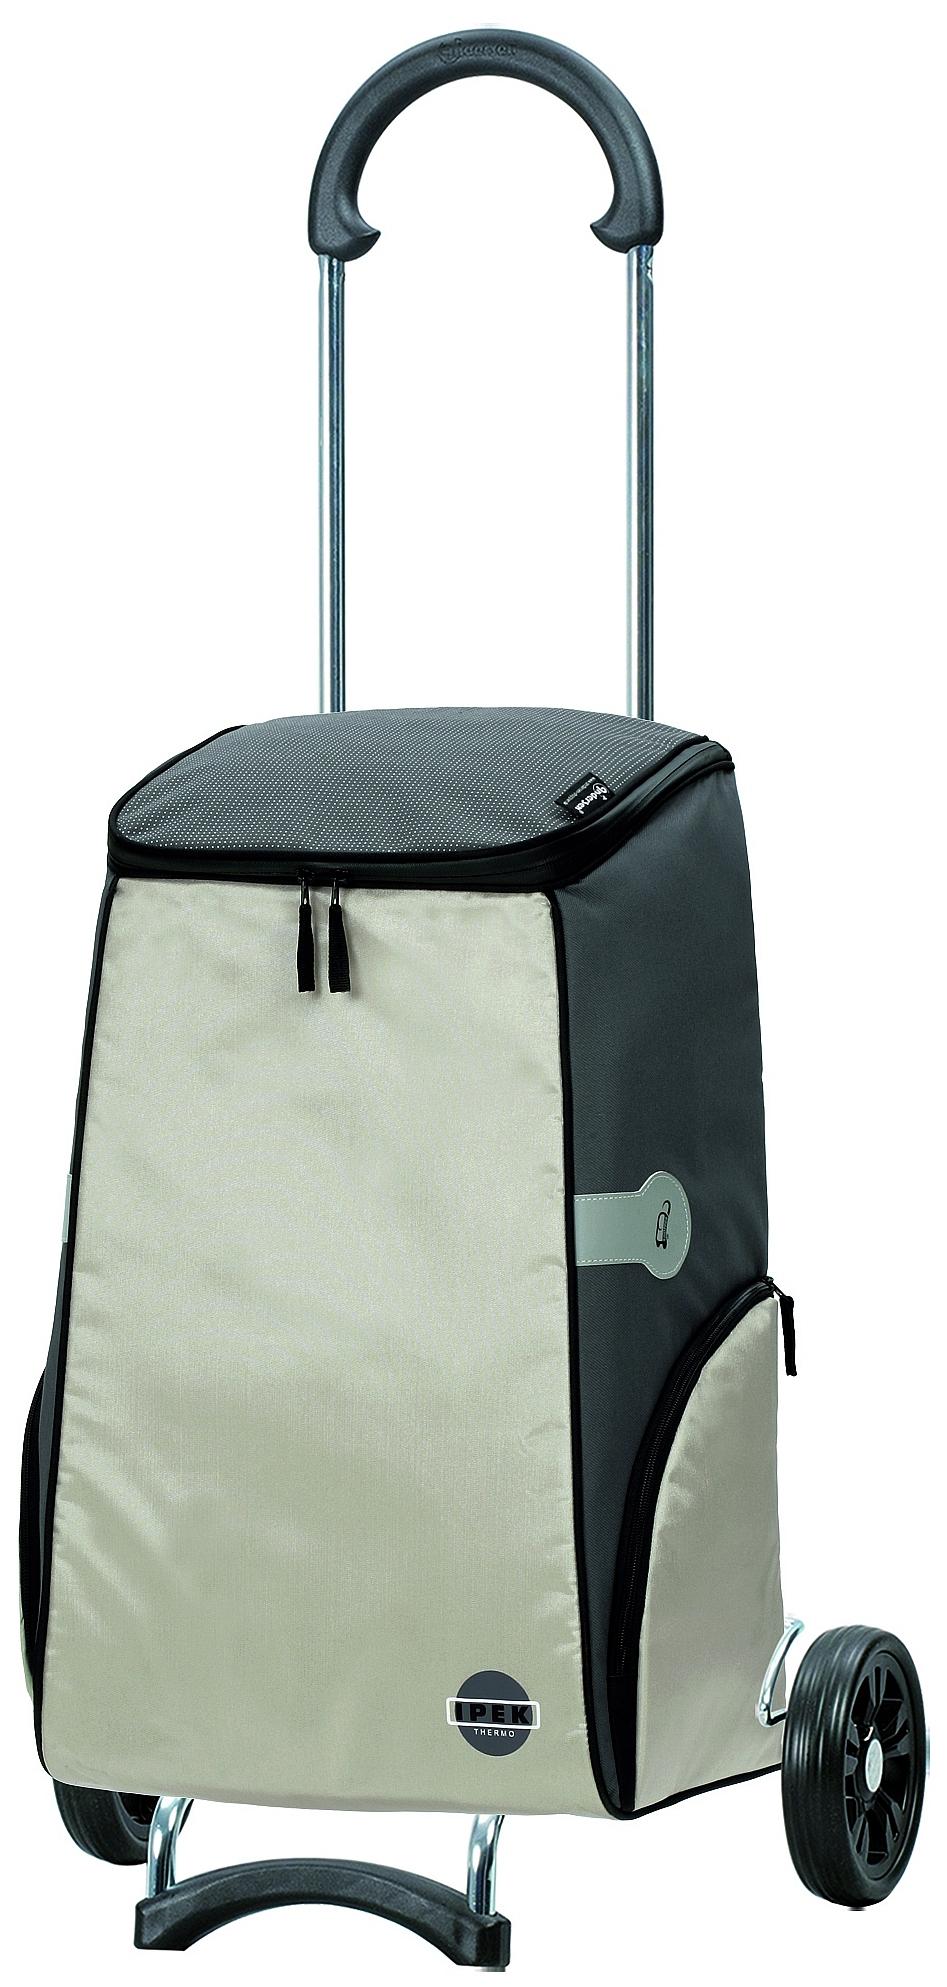 Andersen Nákupní termotaška na kolečkách SCALA SHOPPER®IPEK 112-112-20 stříbrná